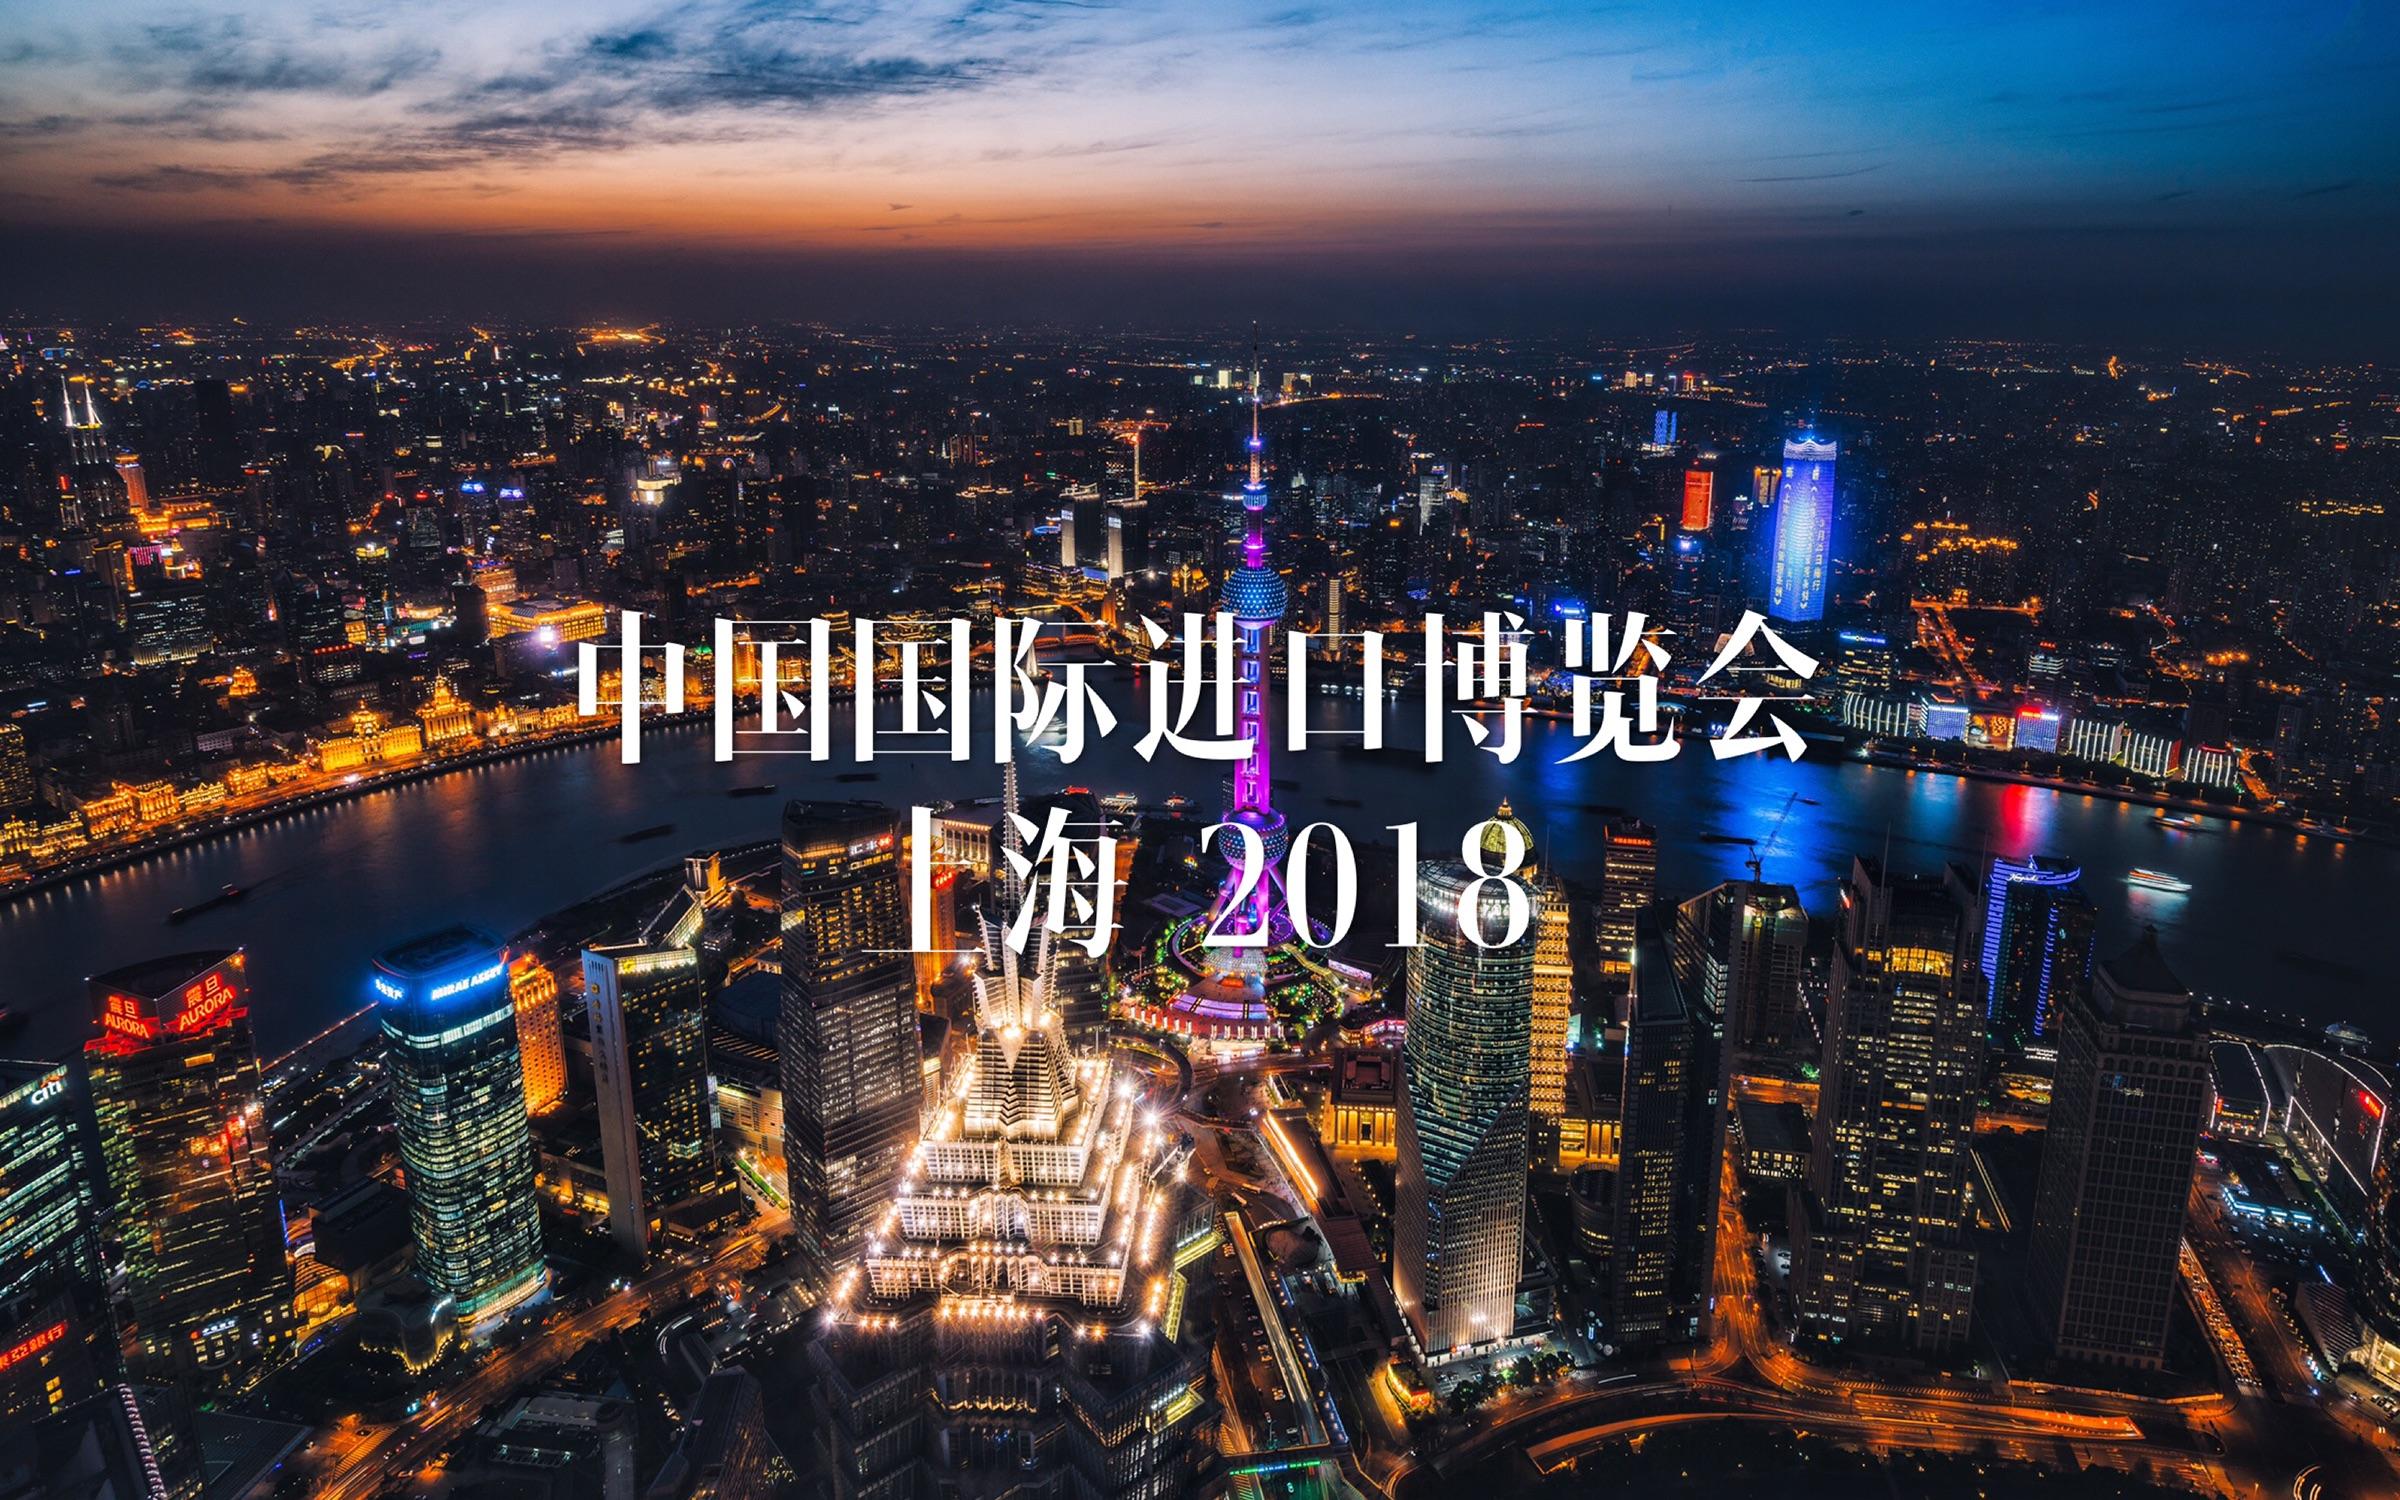 [4k未来之城]航拍上海夜景/ciie中国国际进口博览会宣传片陆家嘴外滩